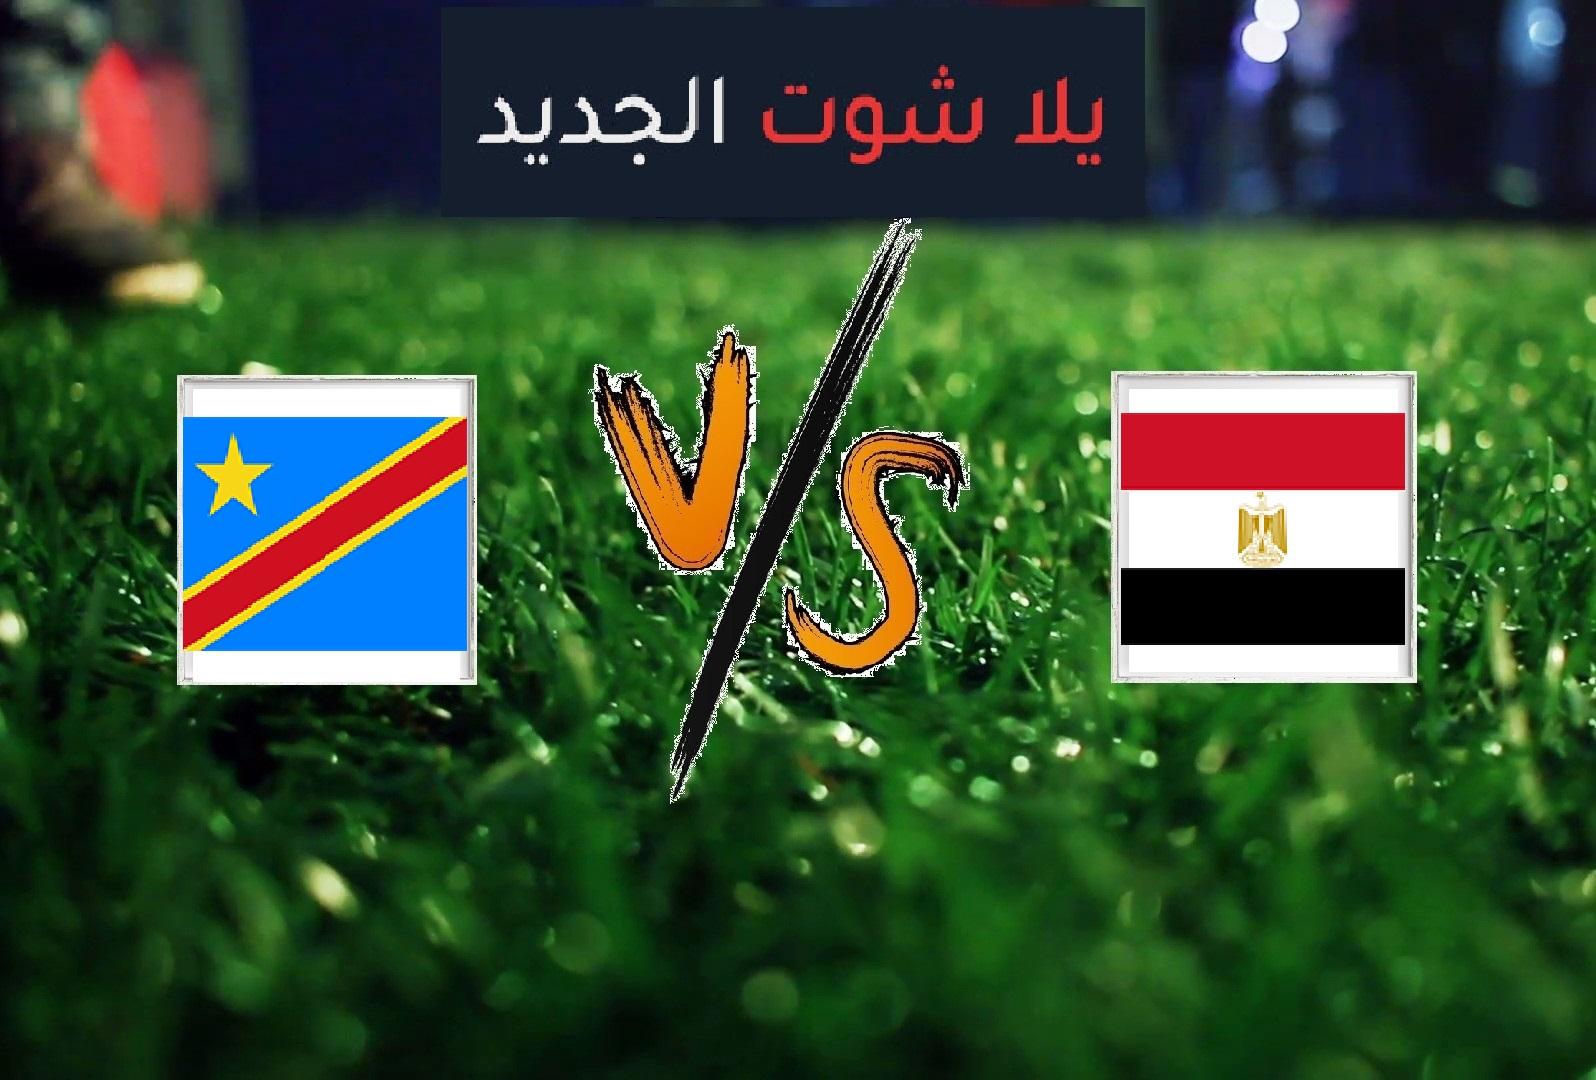 نتيجة مباراة مصر والكونغو اليوم الاربعاء بتاريخ 26-06-2019 كأس الأمم الأفريقية